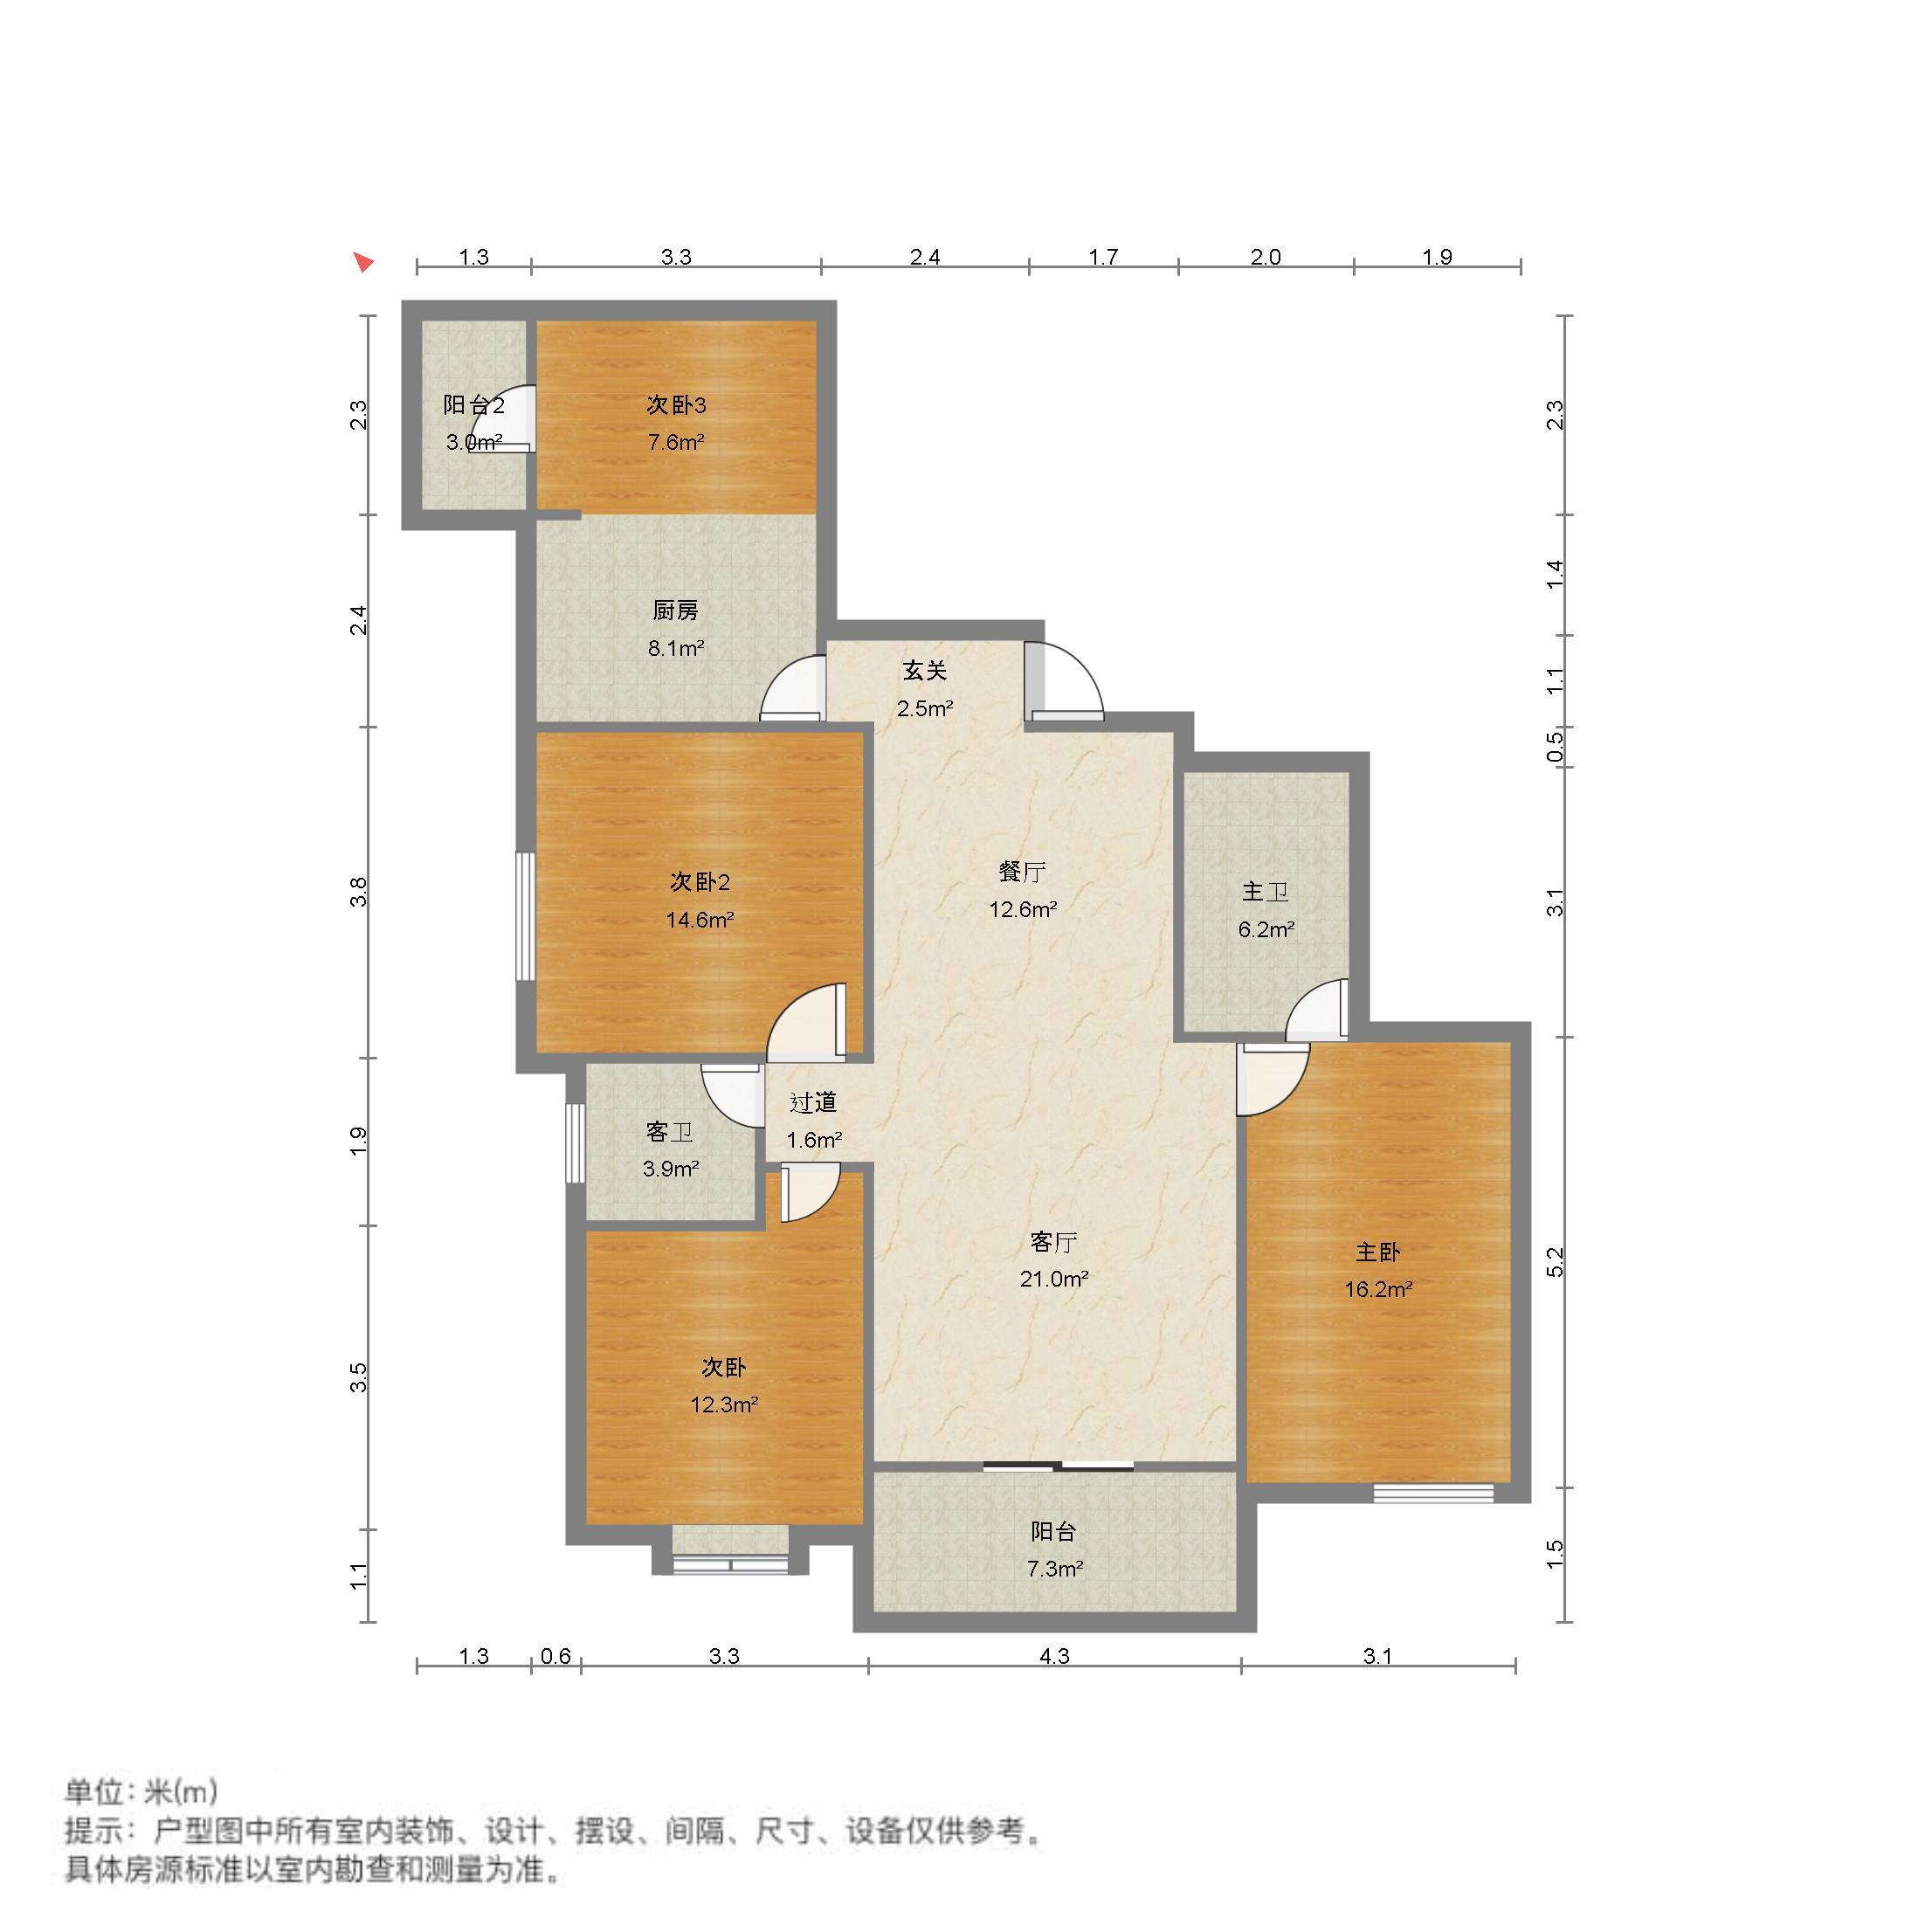 洪山区街道口精装4室2厅2卫二手房出售